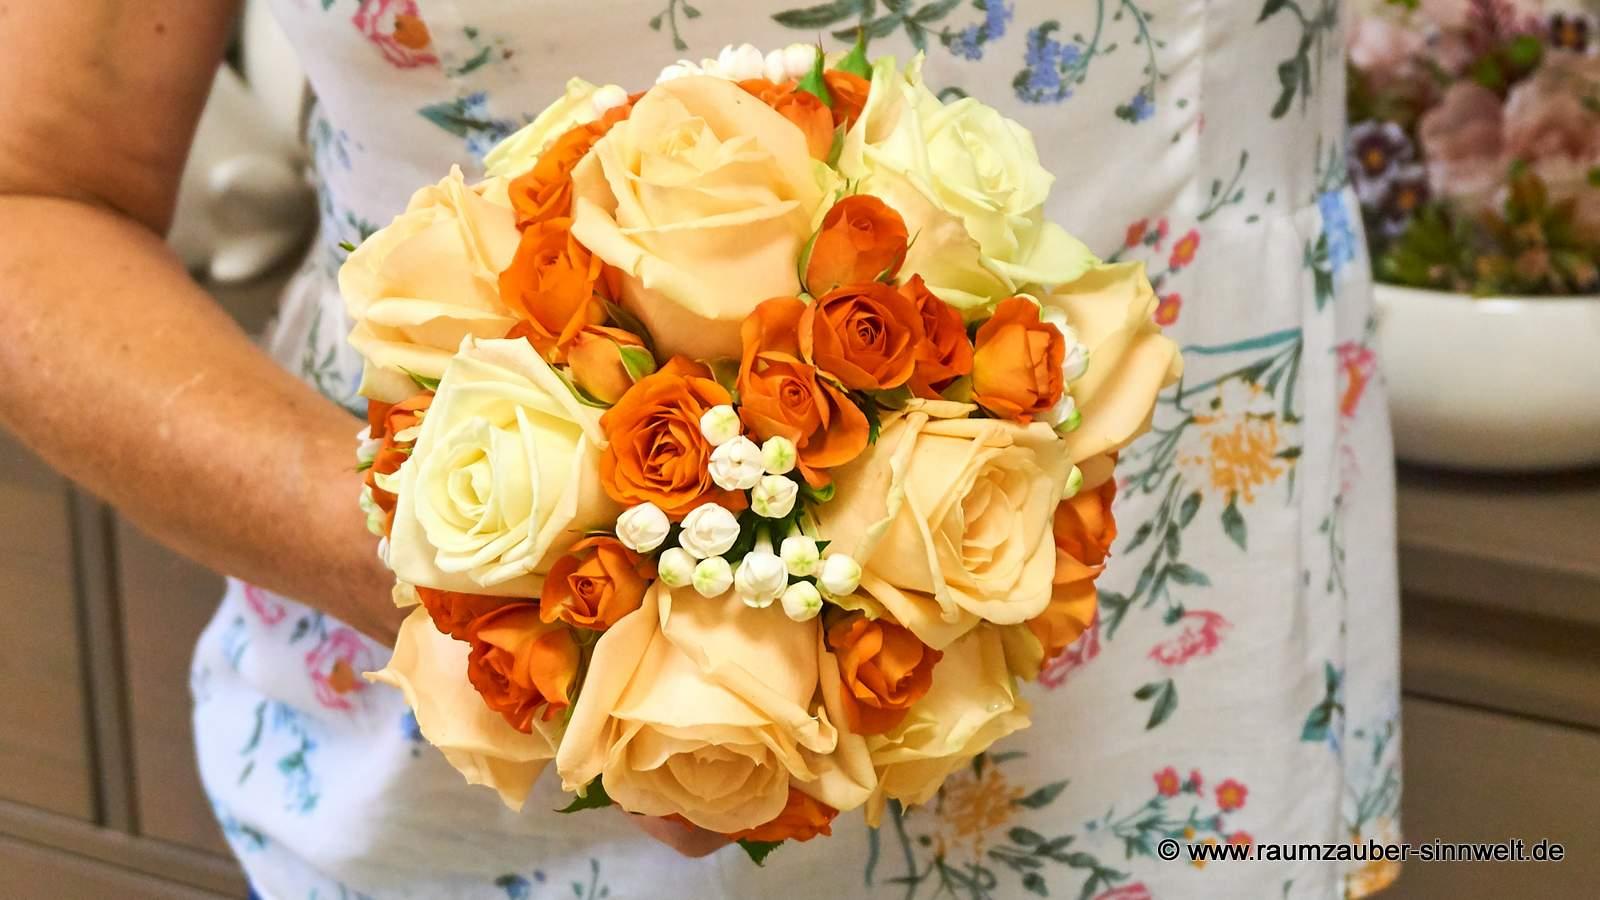 Brautstrauß mit Rosen, Polyrosen und Bouvardien